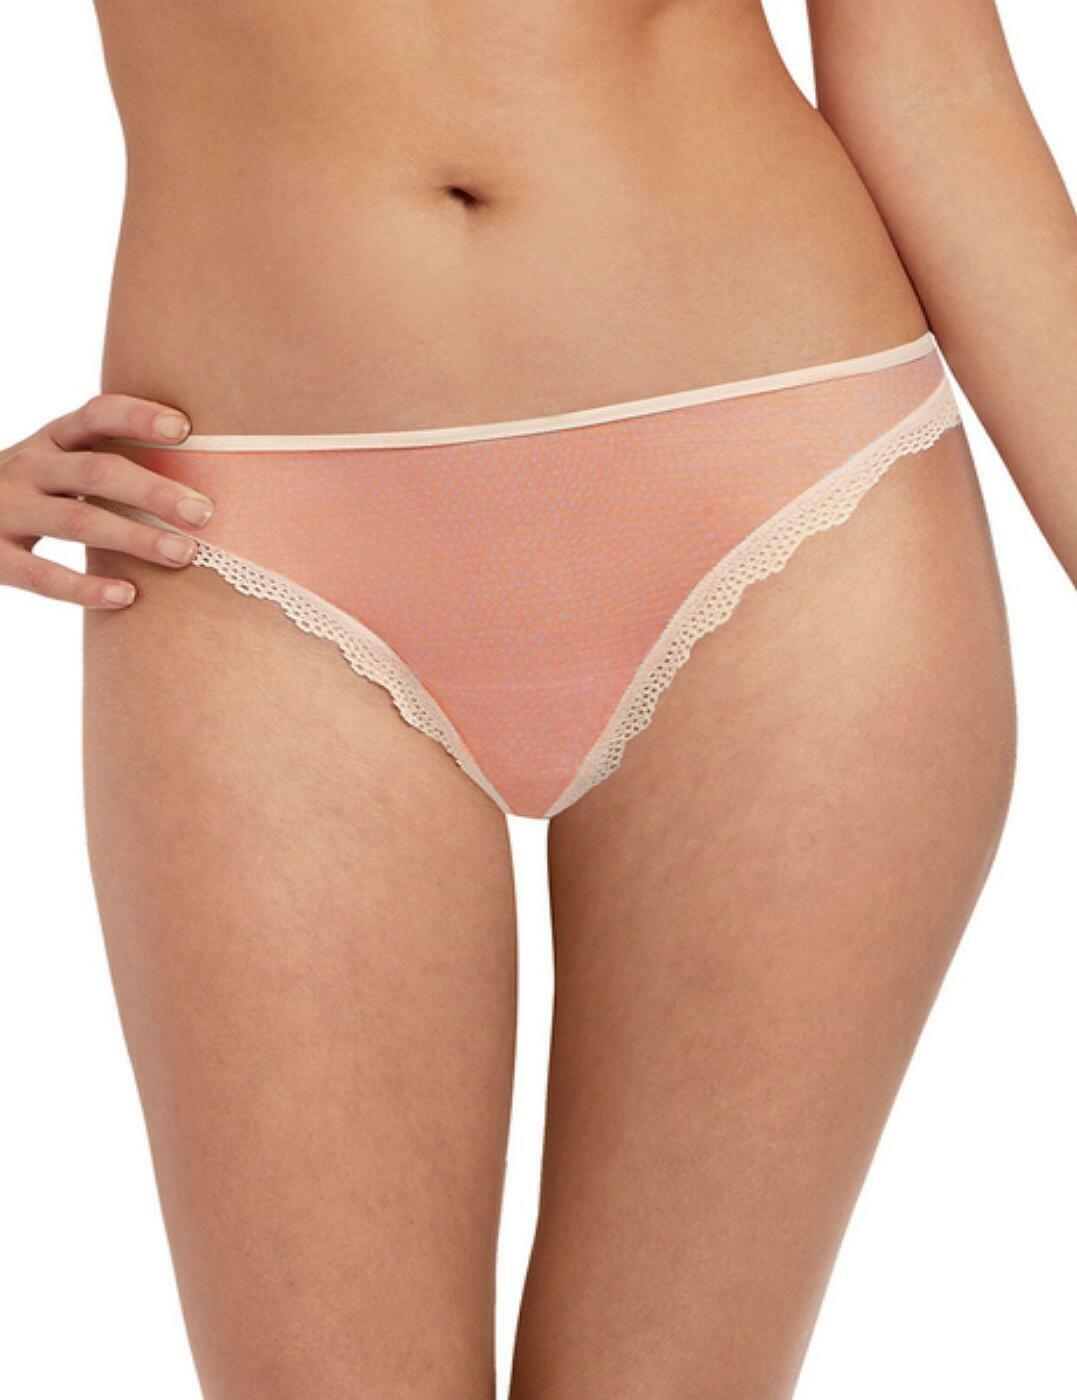 Freya Summer Haze  Thong 3997 New Womens Lingerie Blush